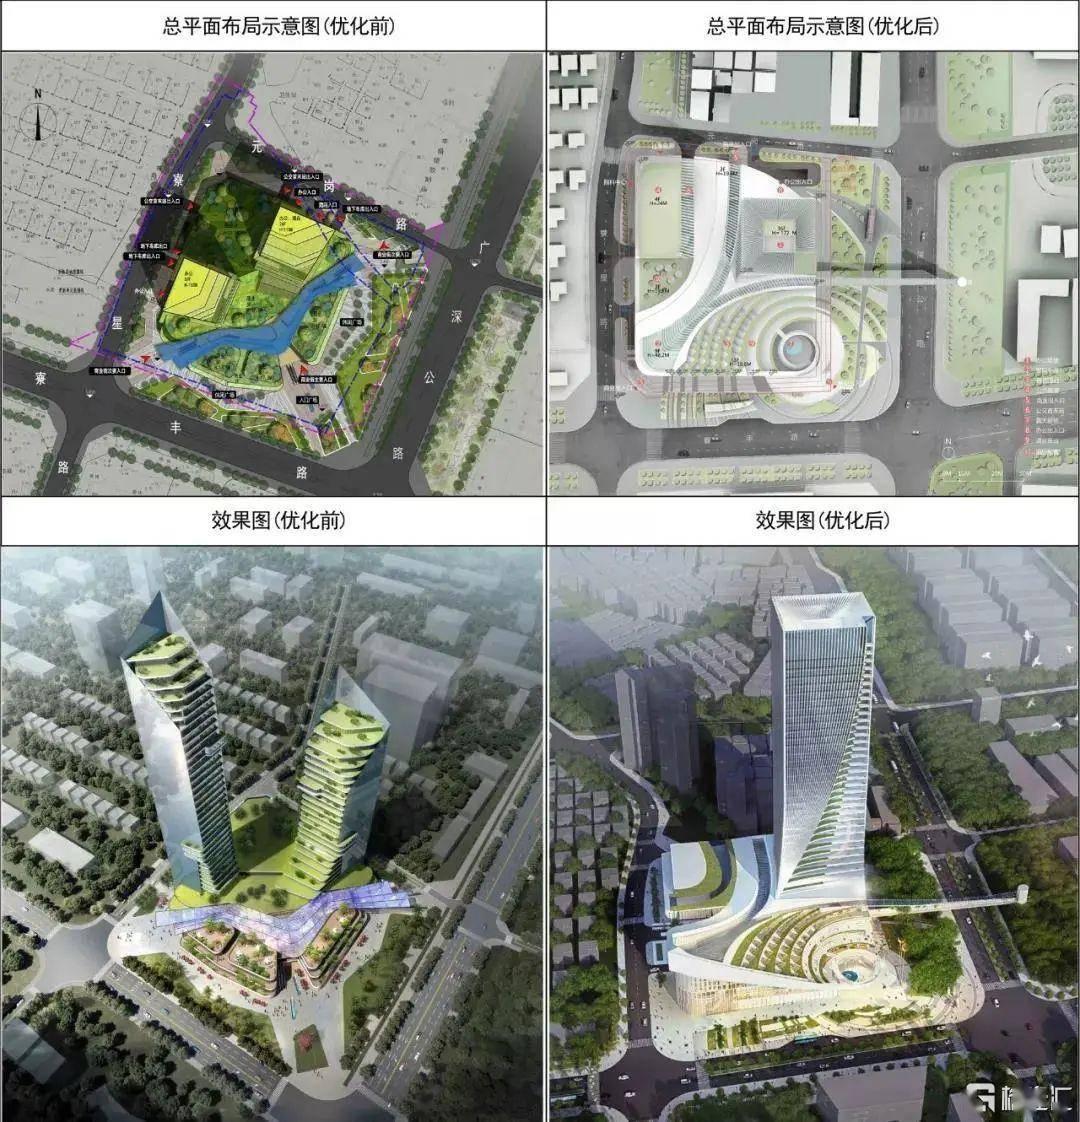 沙井空港新城规划图